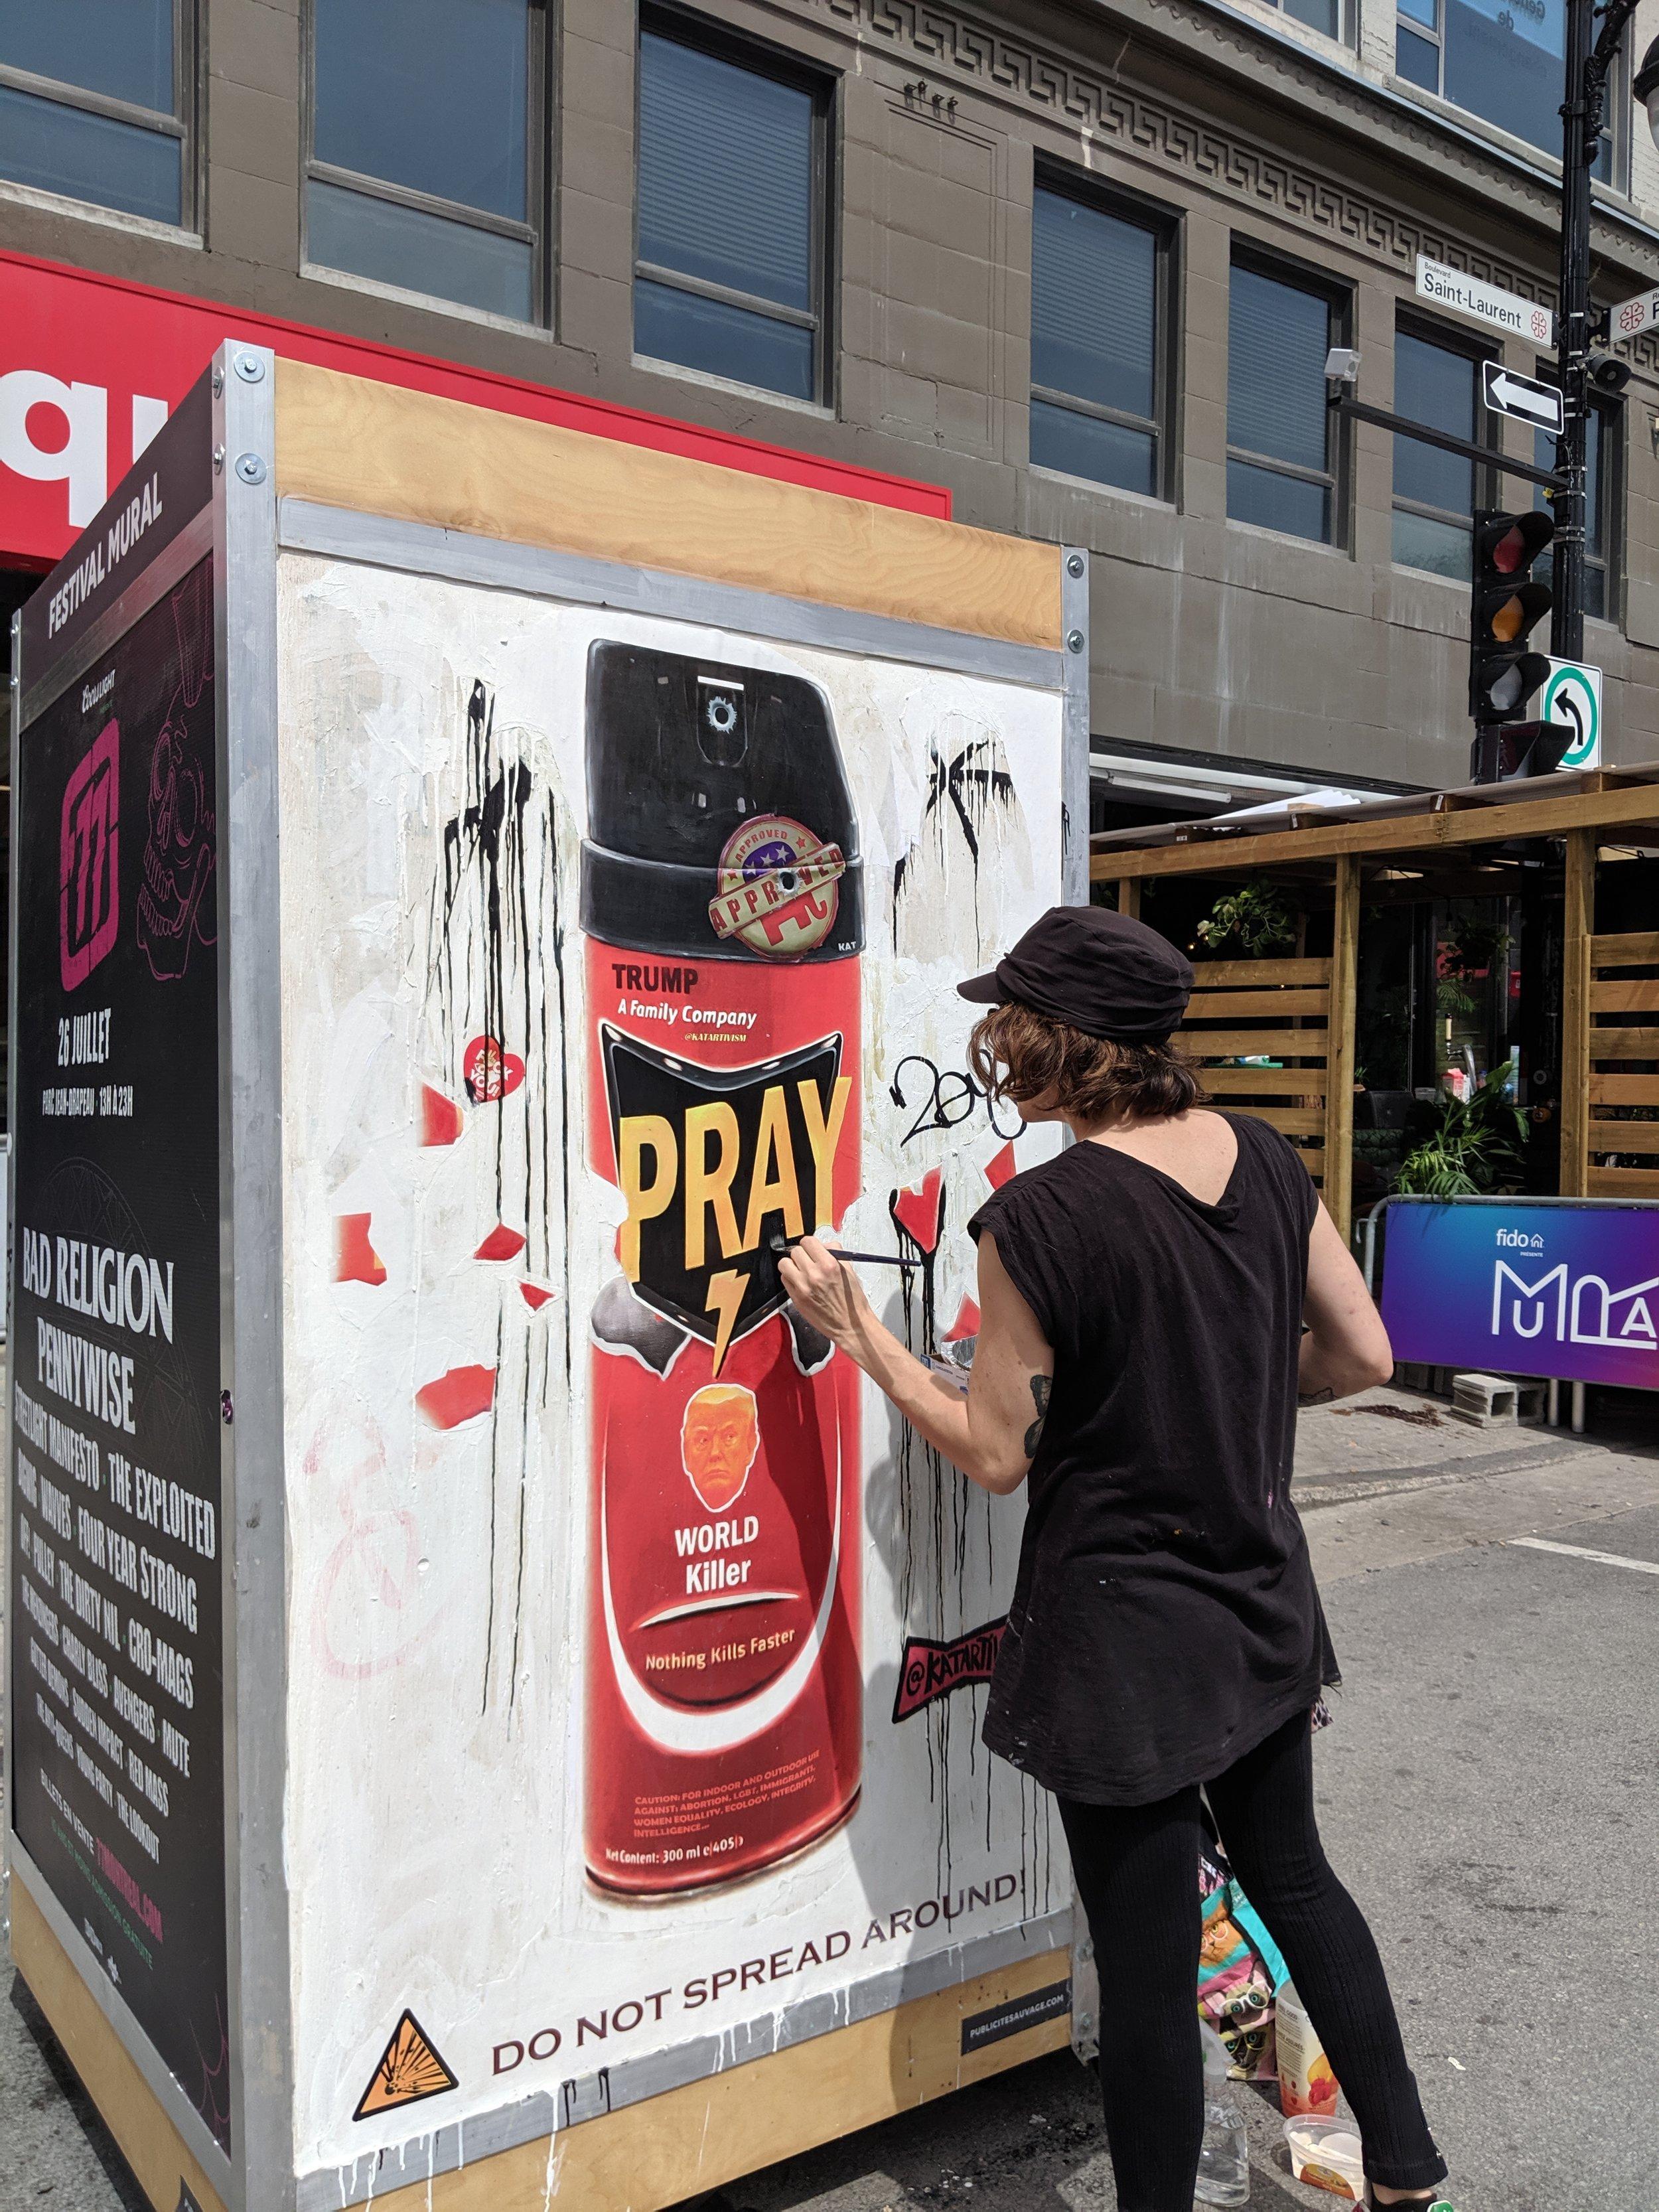 Artist doing street art at the Mural festival